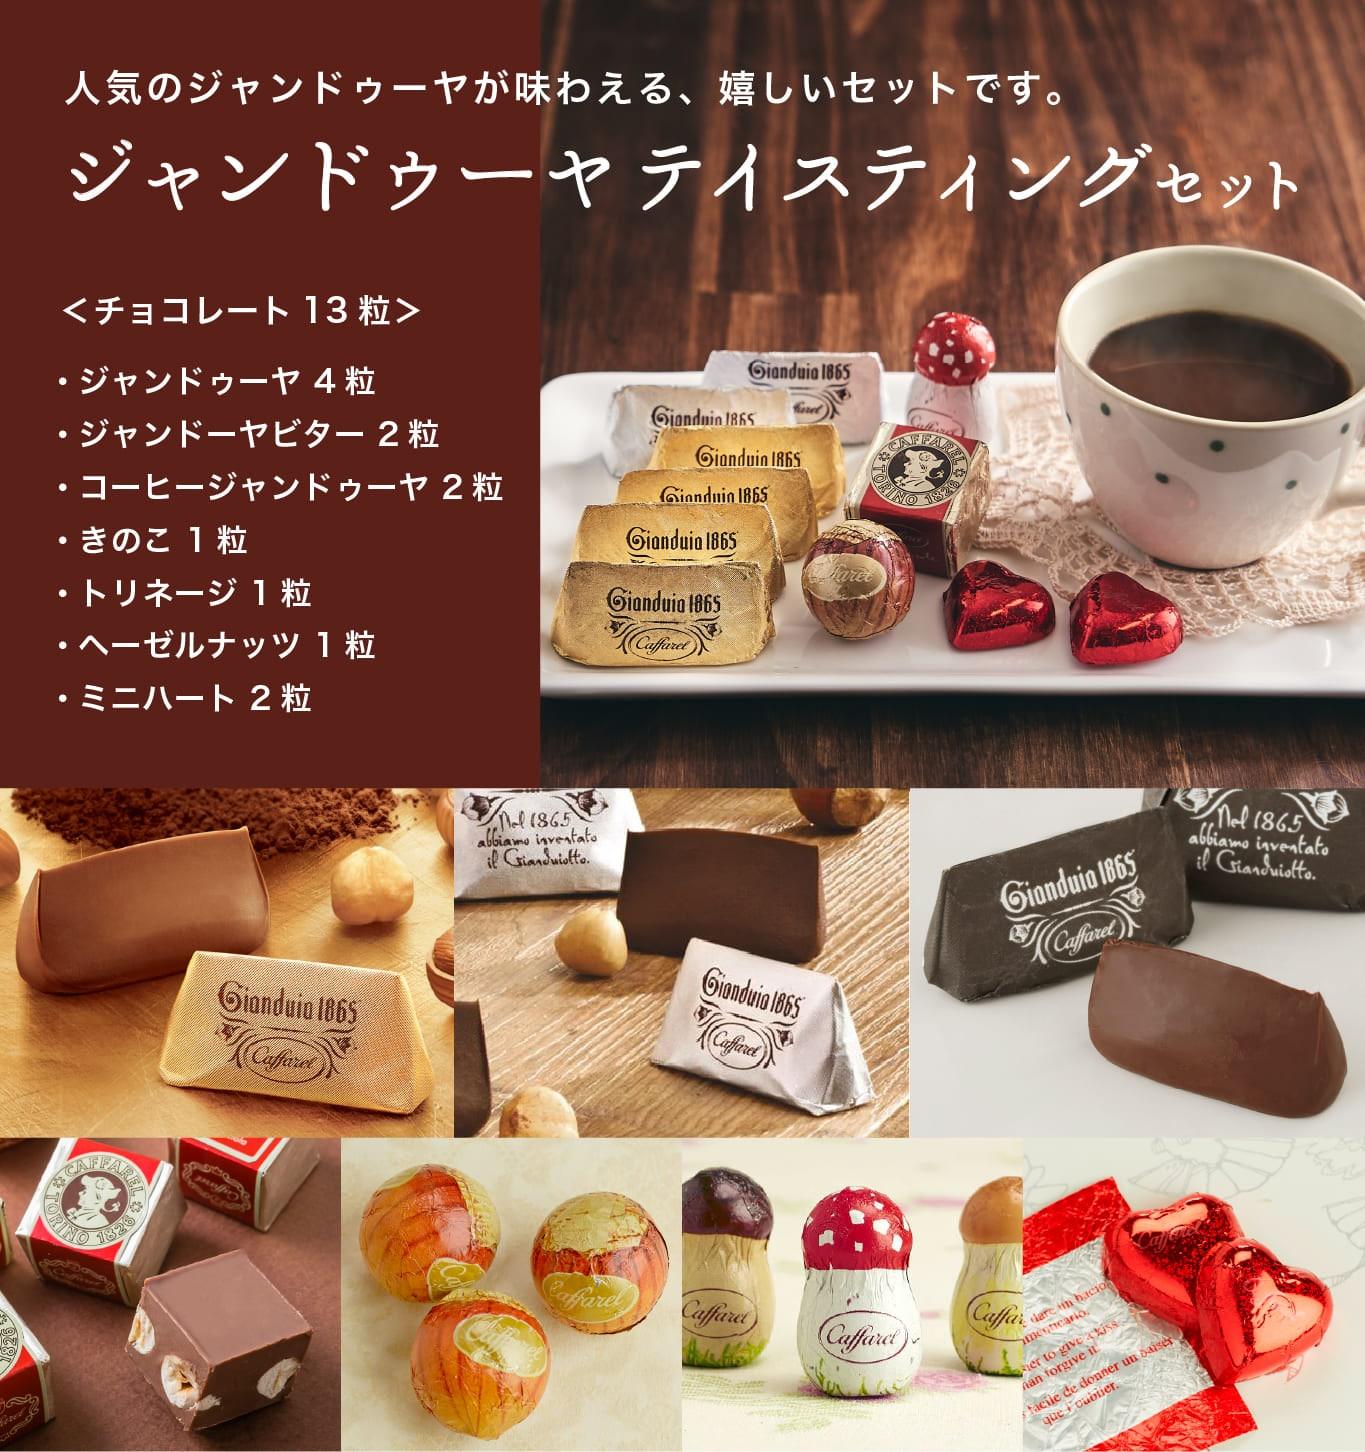 送料無料の高級チョコレート・ジャンドゥーヤお試しセット